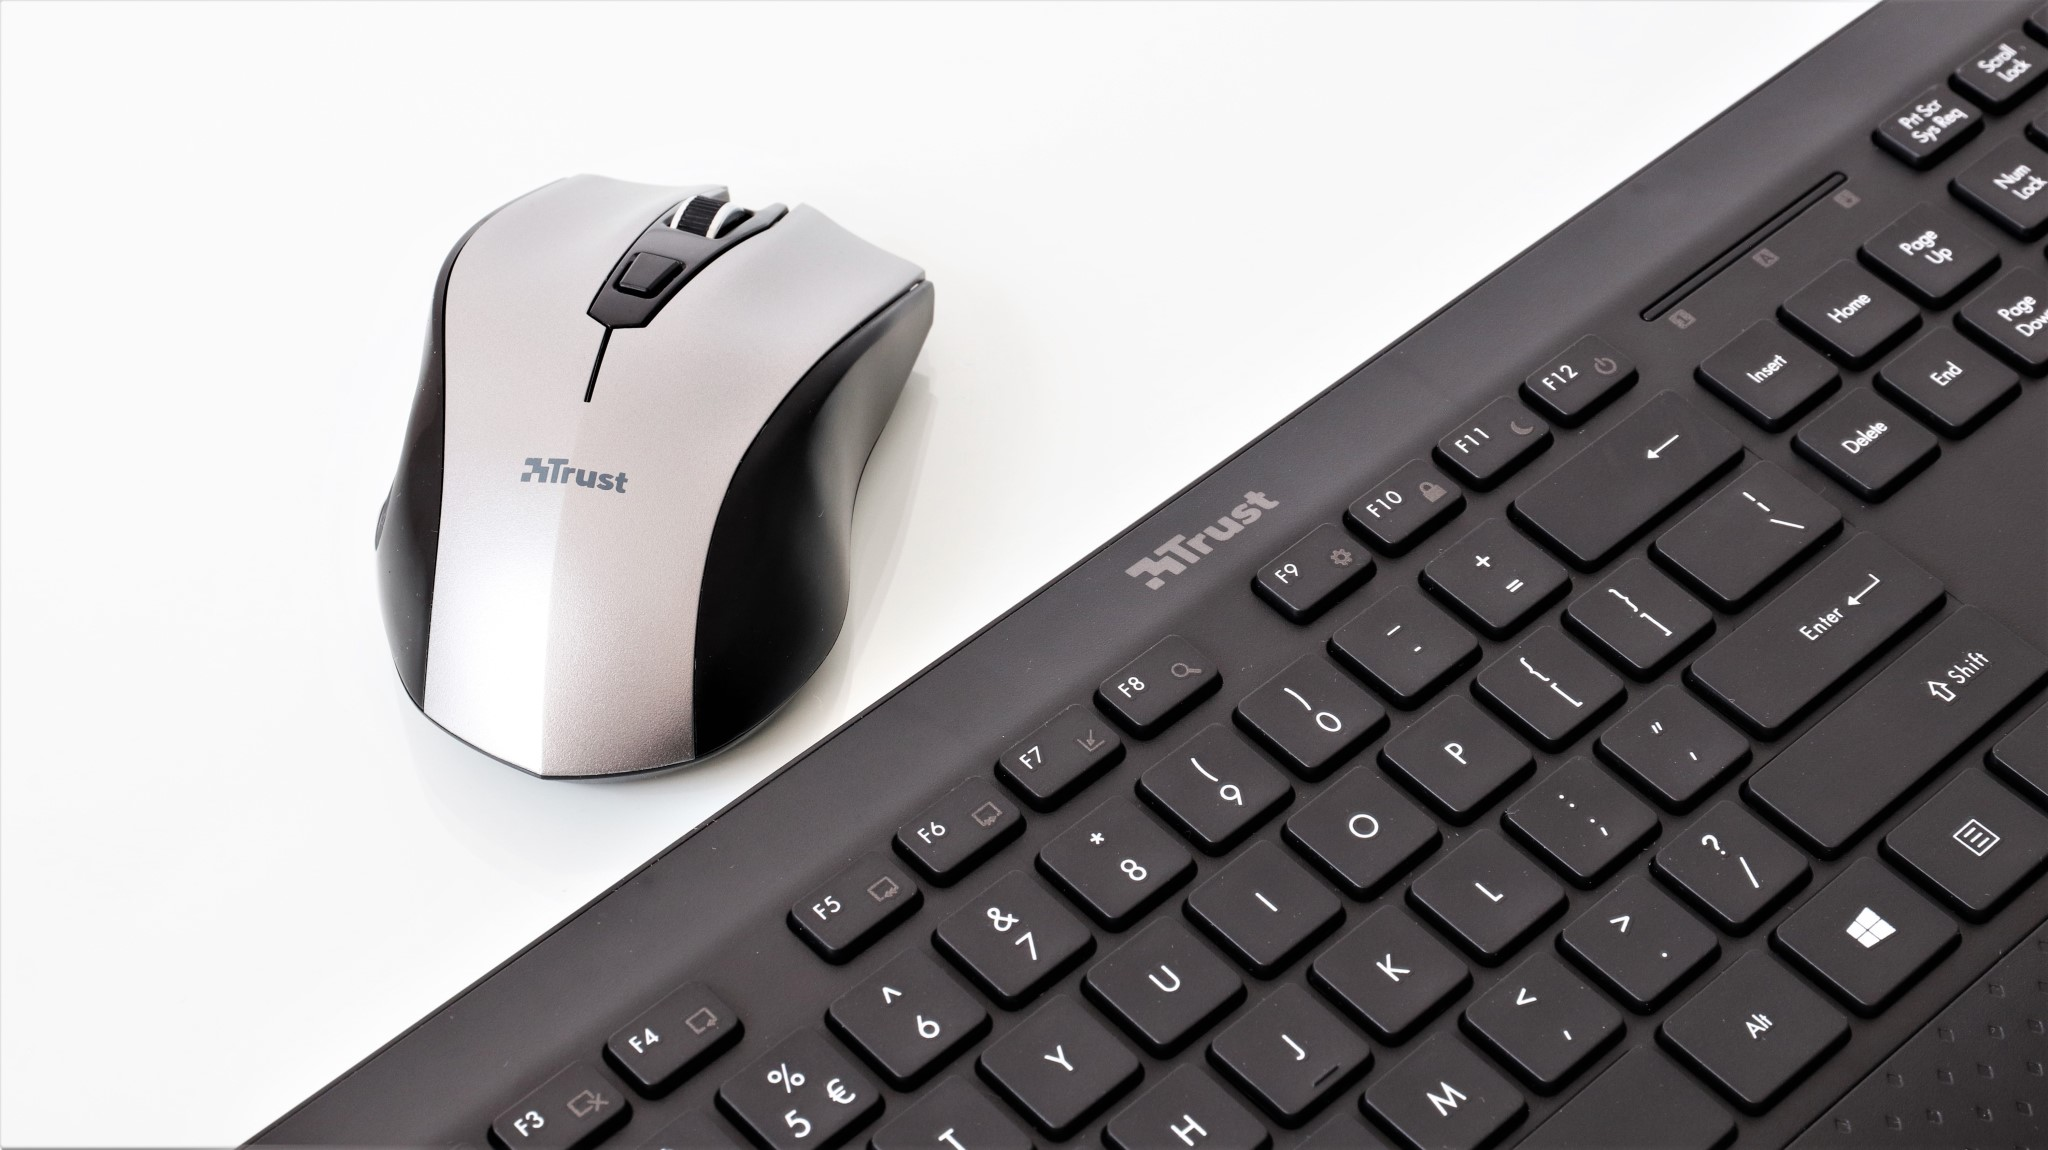 Kit wireless tastatura si mouse Trust Tecla 2